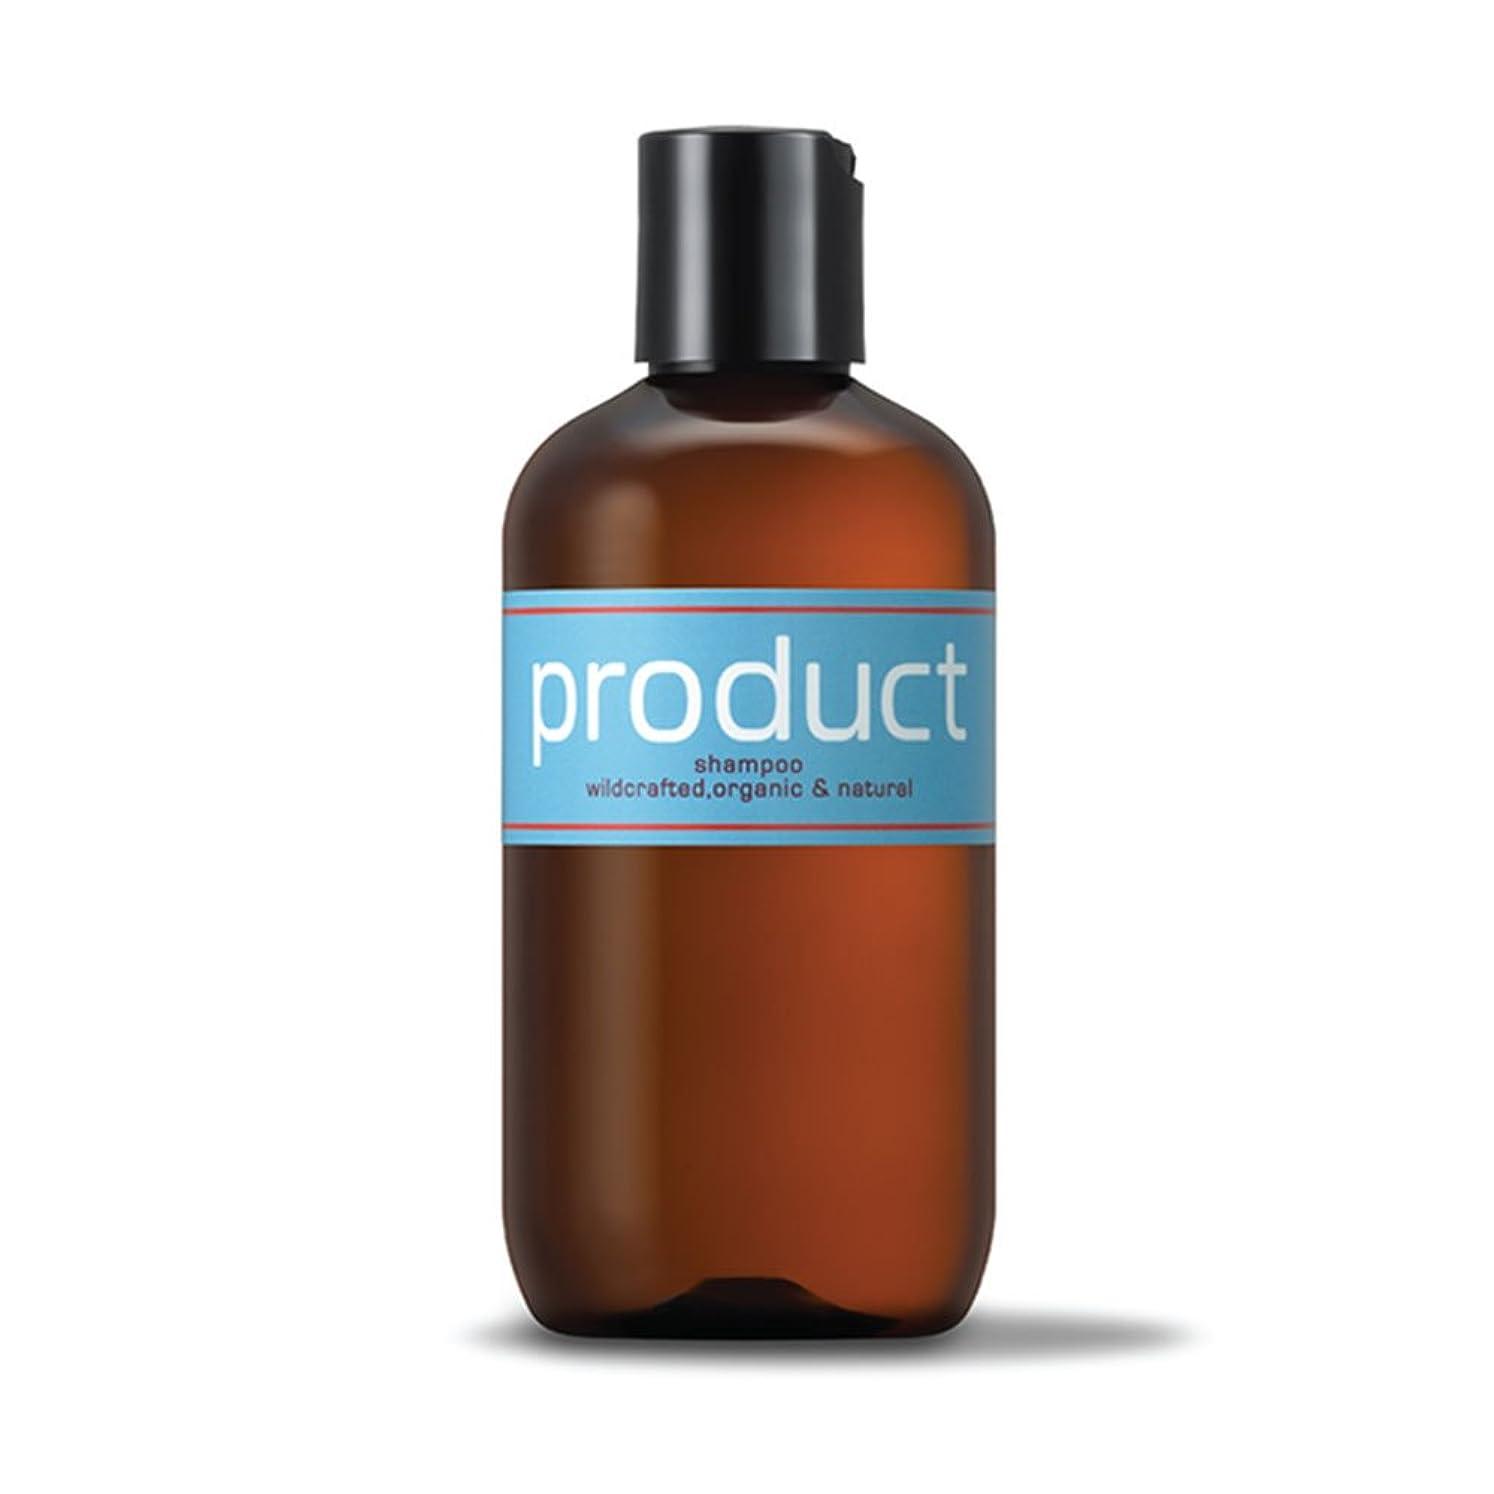 販売員牧師グローバルShop-Always ザ プロダクト オーガニック シャンプー product Shampoo 250mL 1個 国内正規品